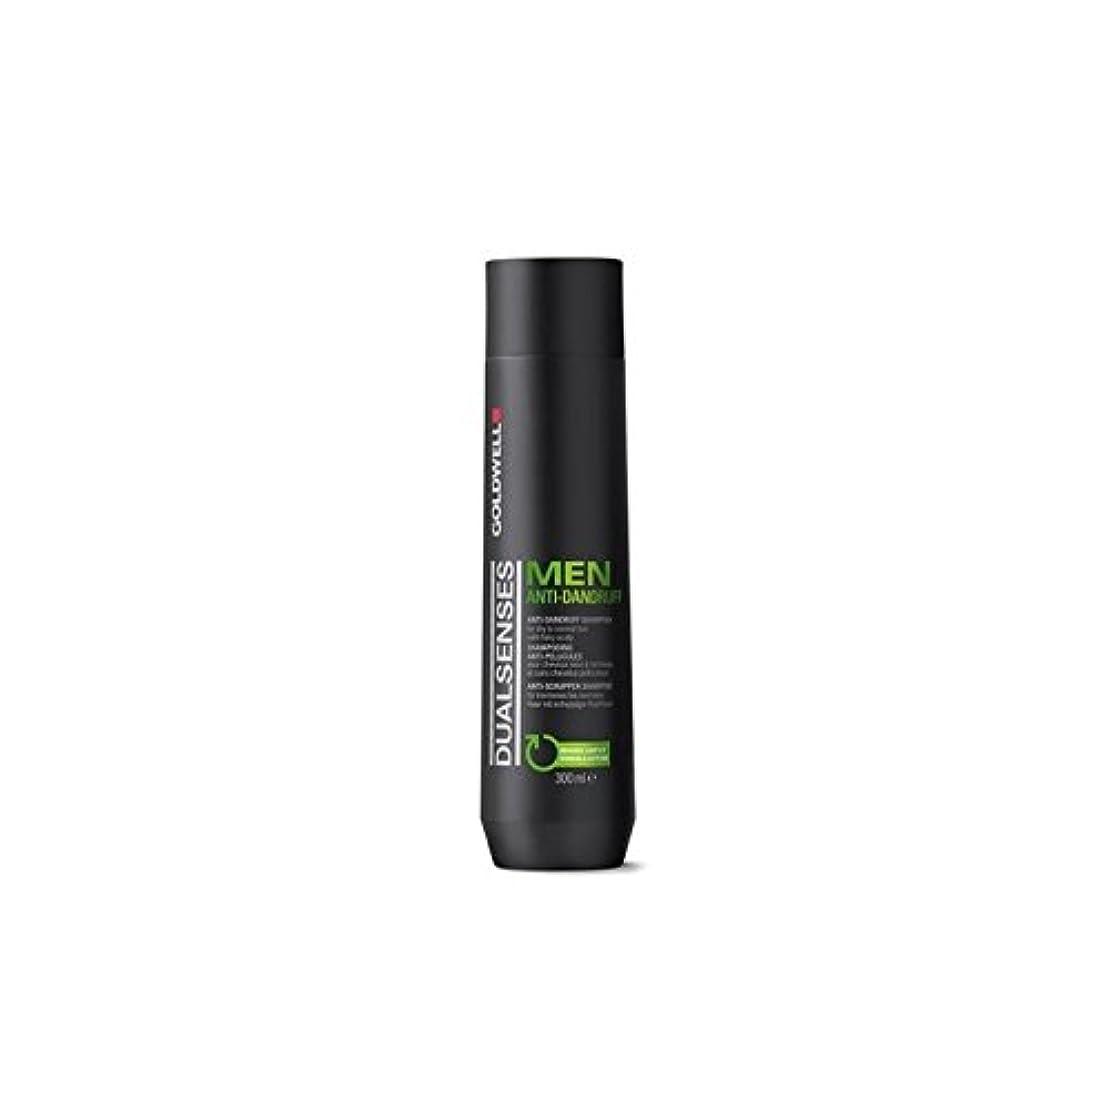 世辞暖かく精巧なGoldwell Dualsenses For Men Anti-Dandruff Shampoo (300ml) - フケ防止シャンプー(300ミリリットル)男性のためのの [並行輸入品]